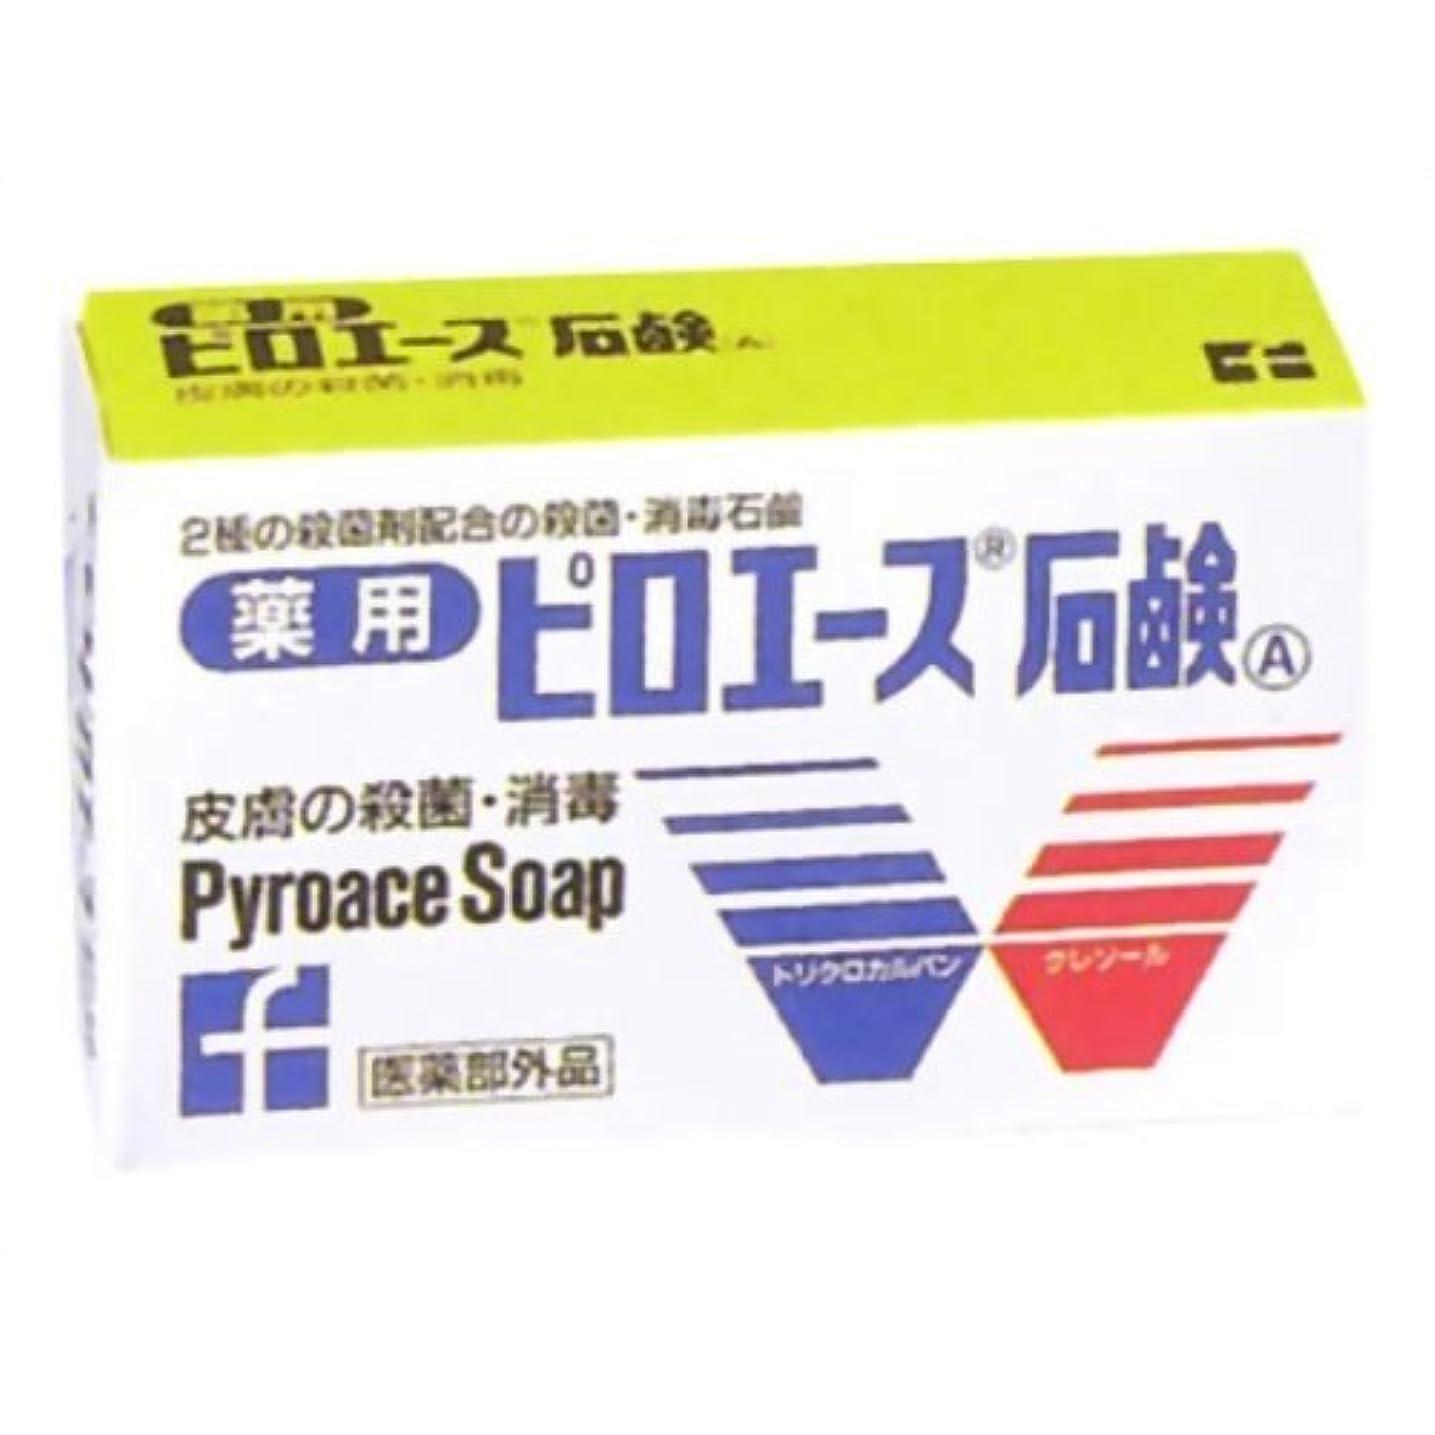 間欠大脳元気【第一三共ヘルスケア】ピロエース石鹸 70g